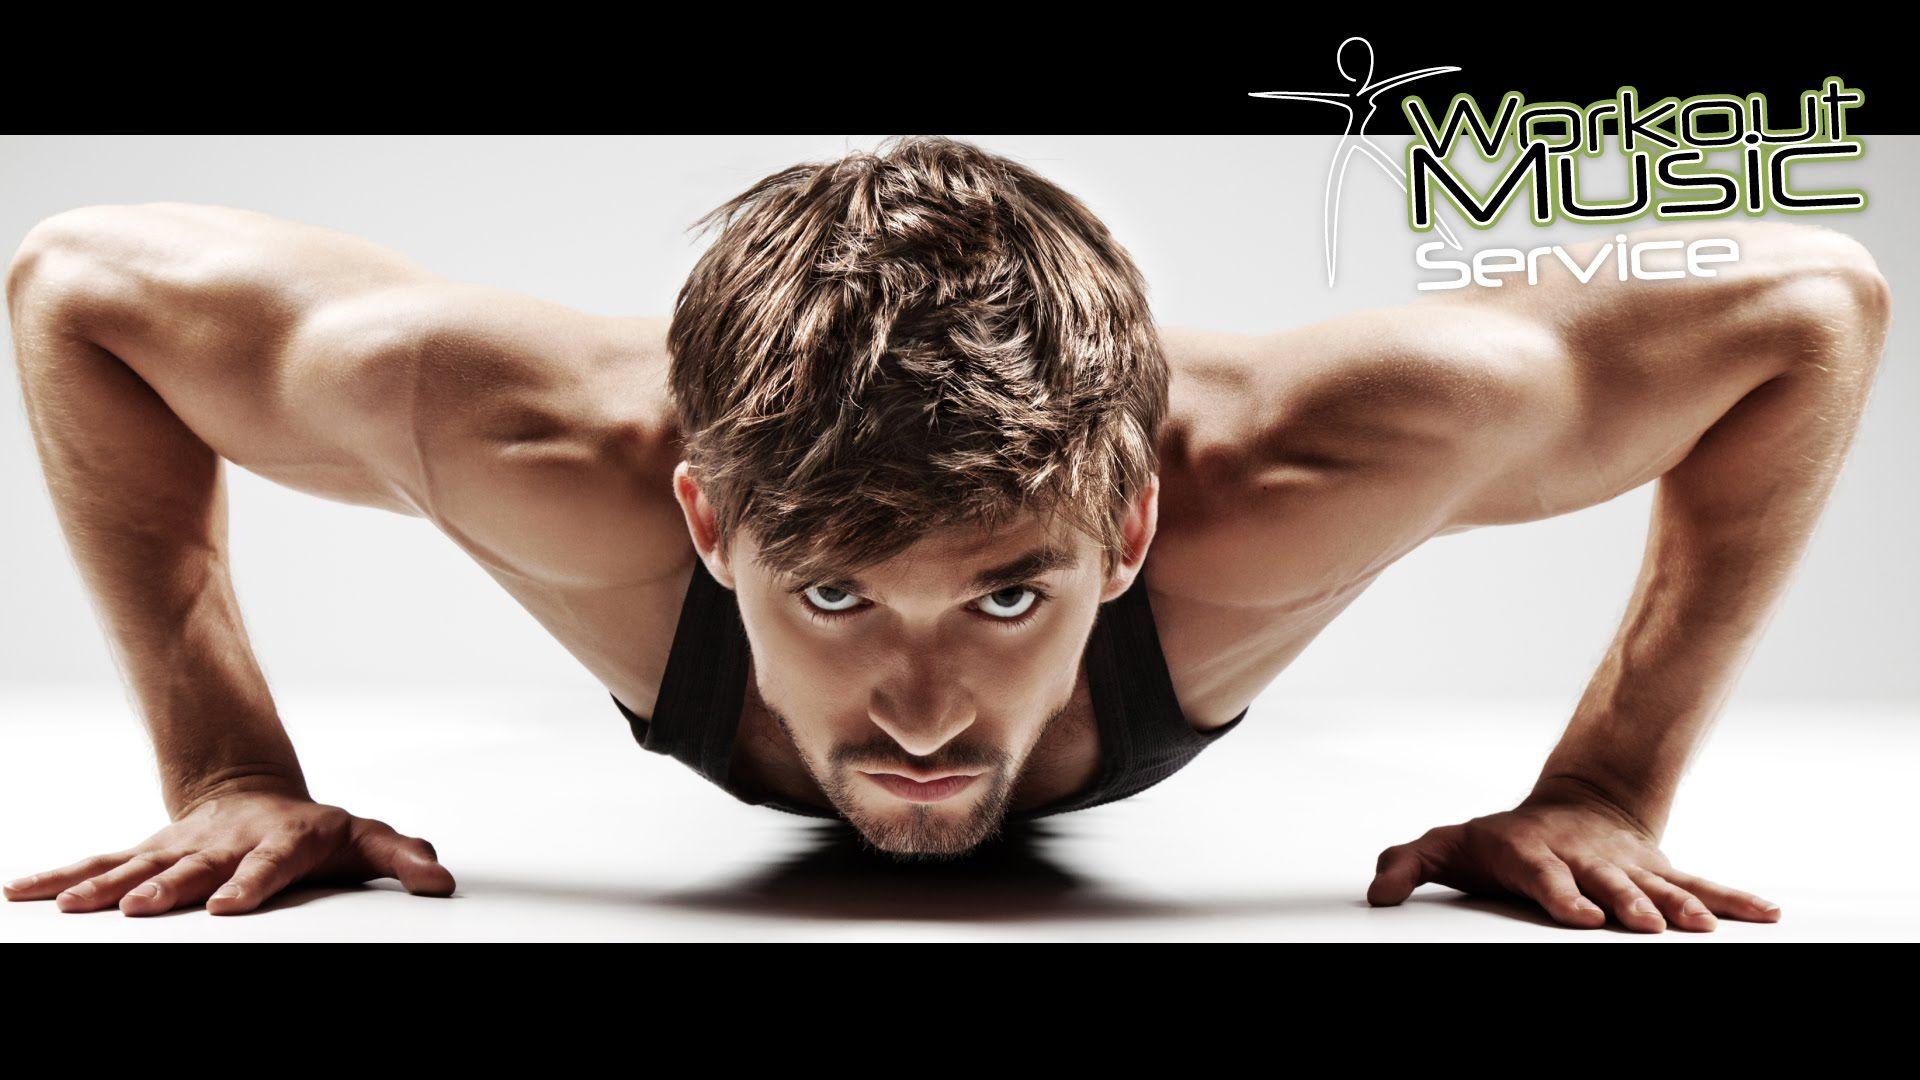 Music Playlist - Iron, Energy, Cardio, Workout, Motivation